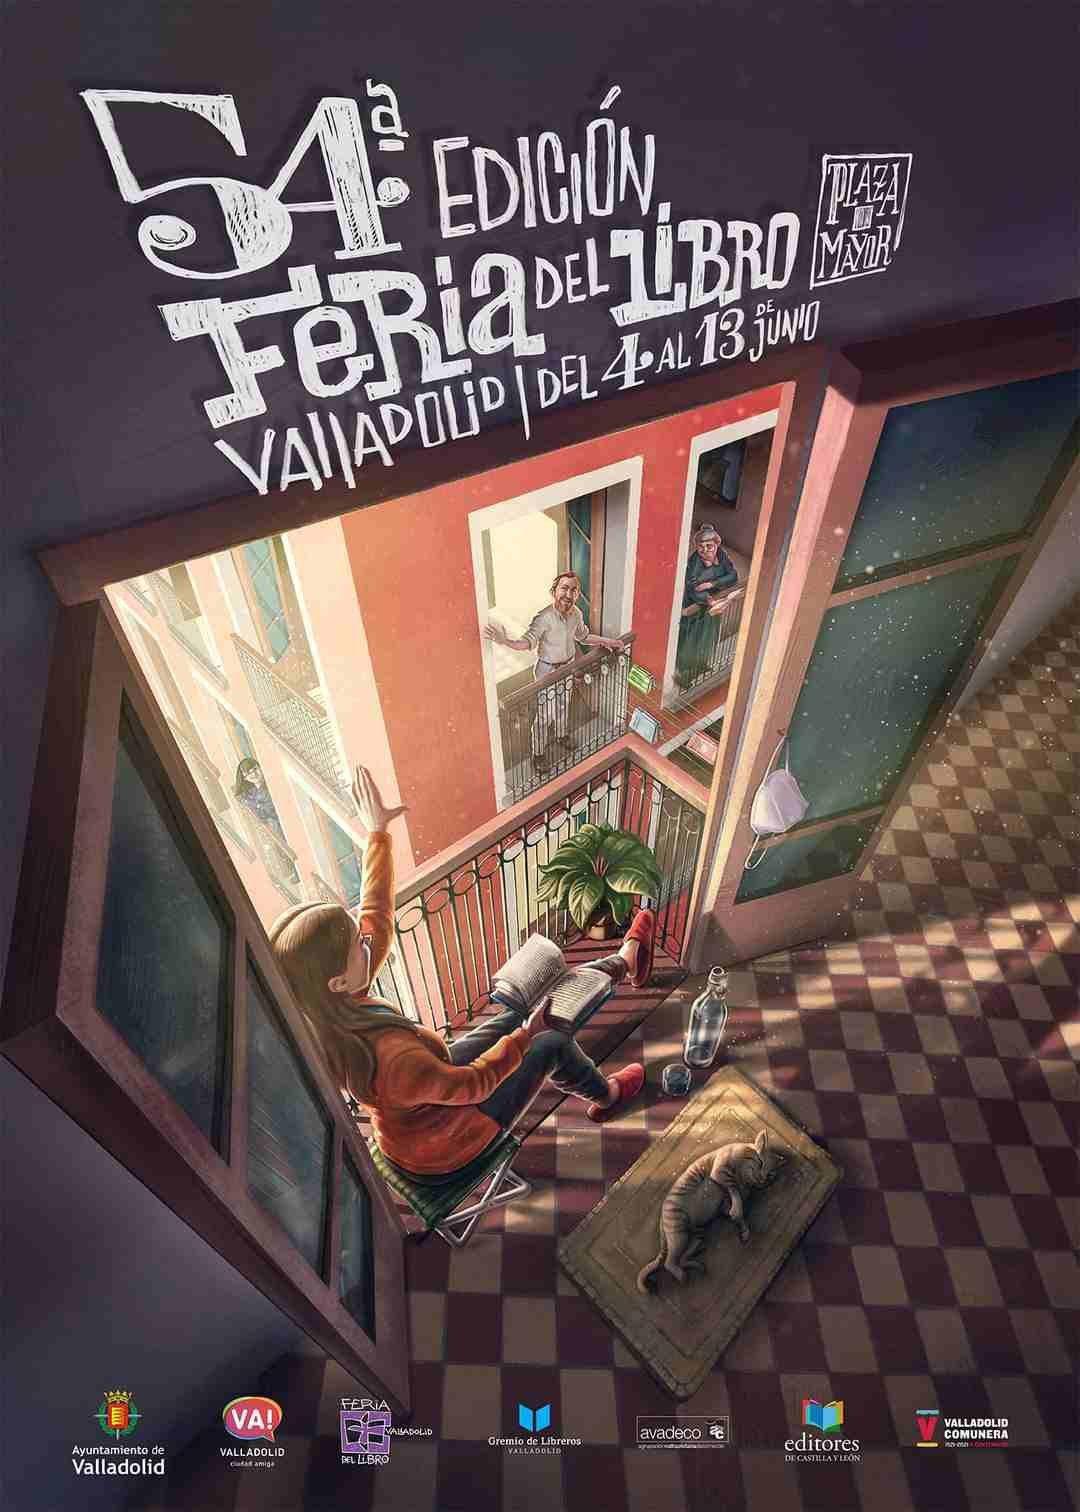 Feria del Libro en Valladolid